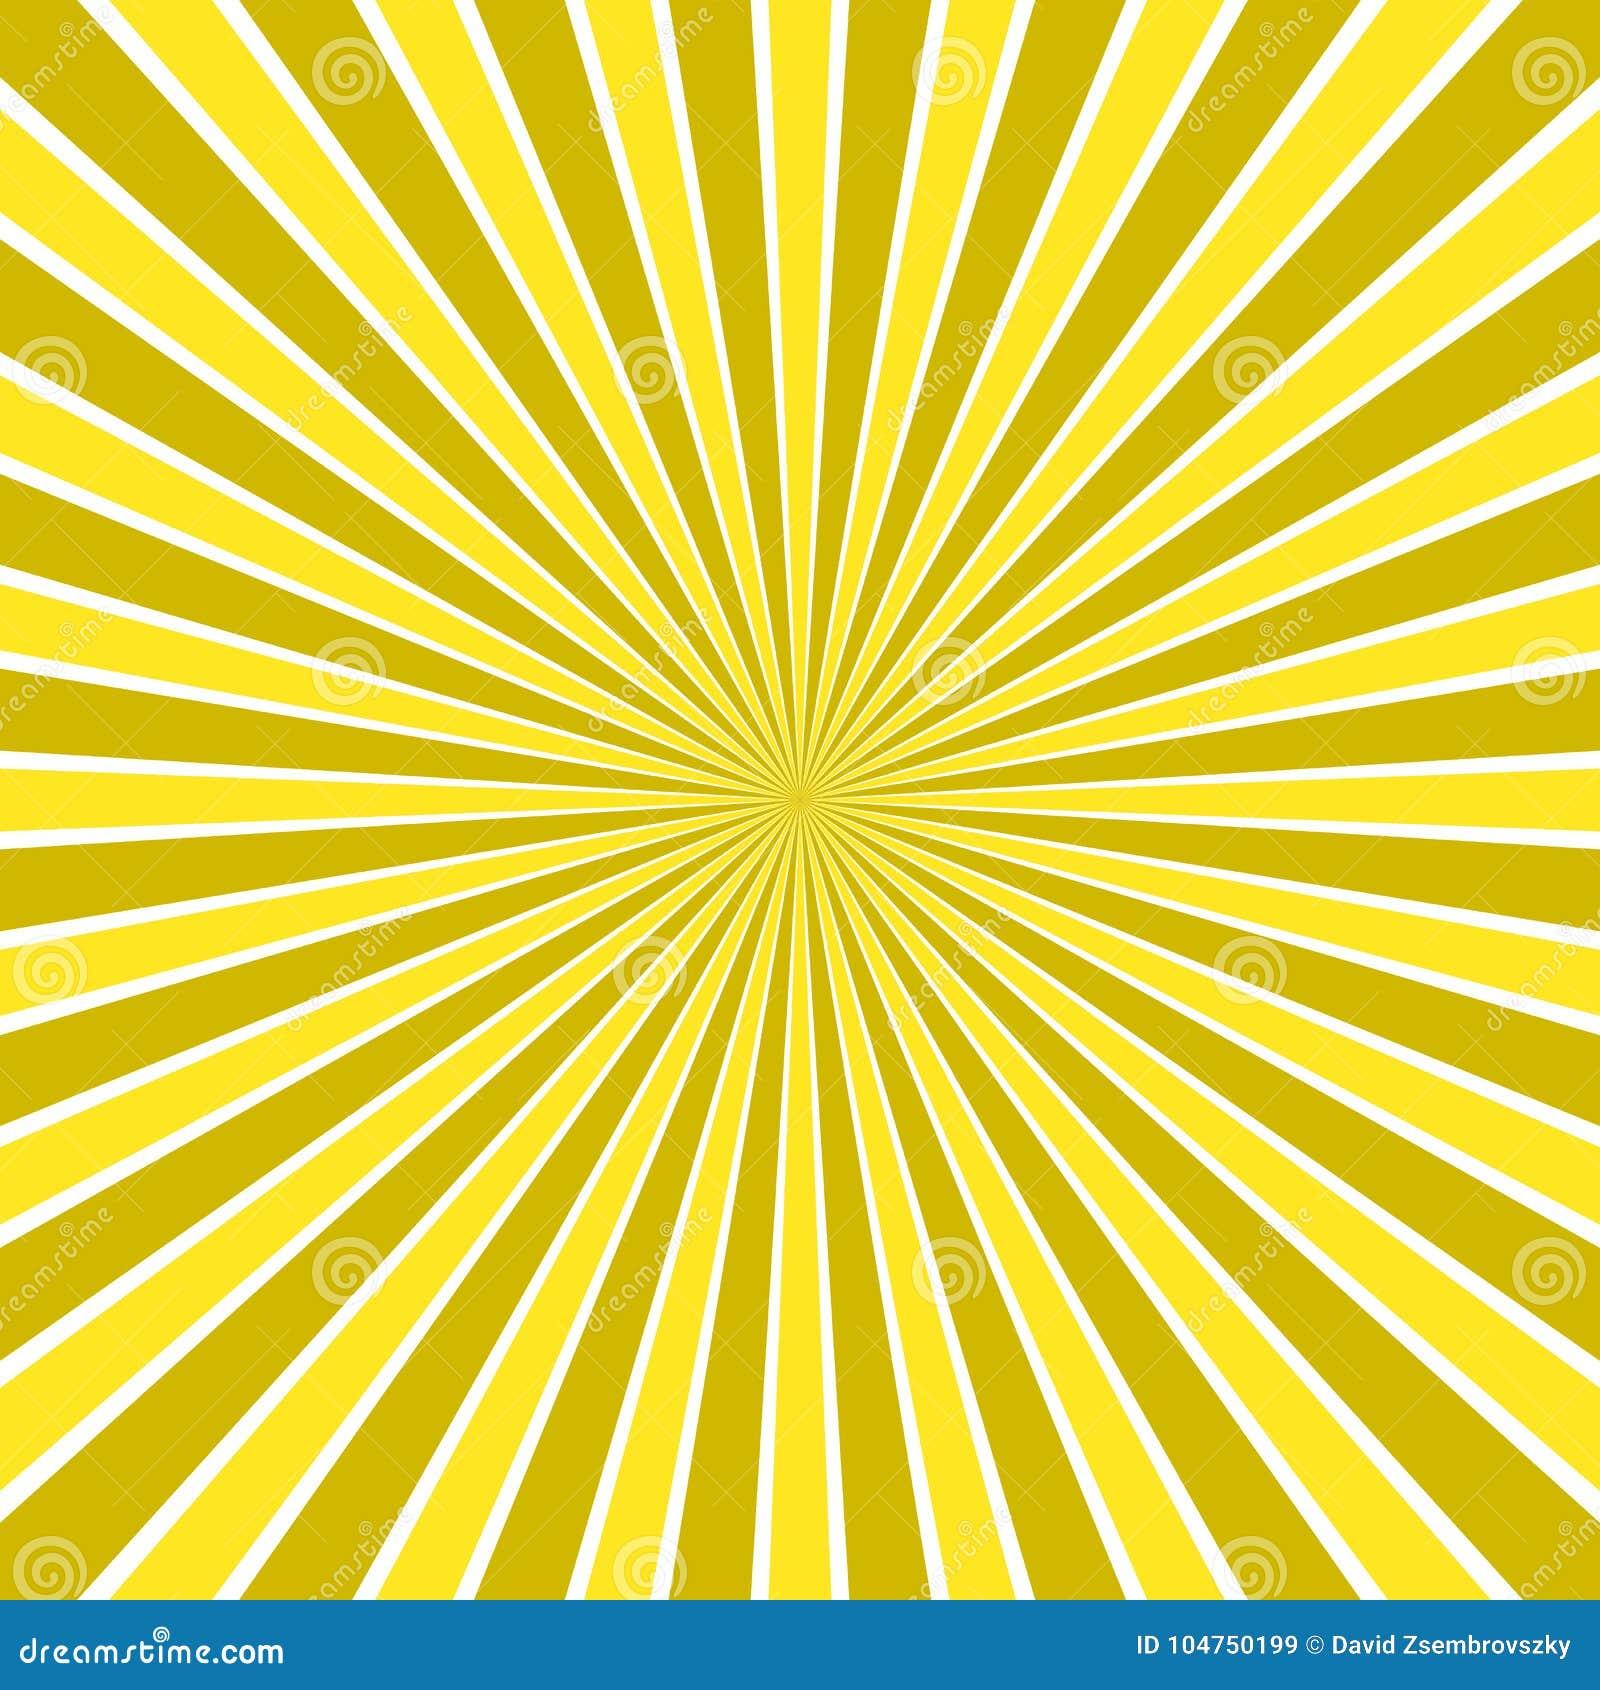 Den dynamiska abstrakta solen rays bakgrund - komisk vektordesign från radiell bandmodell